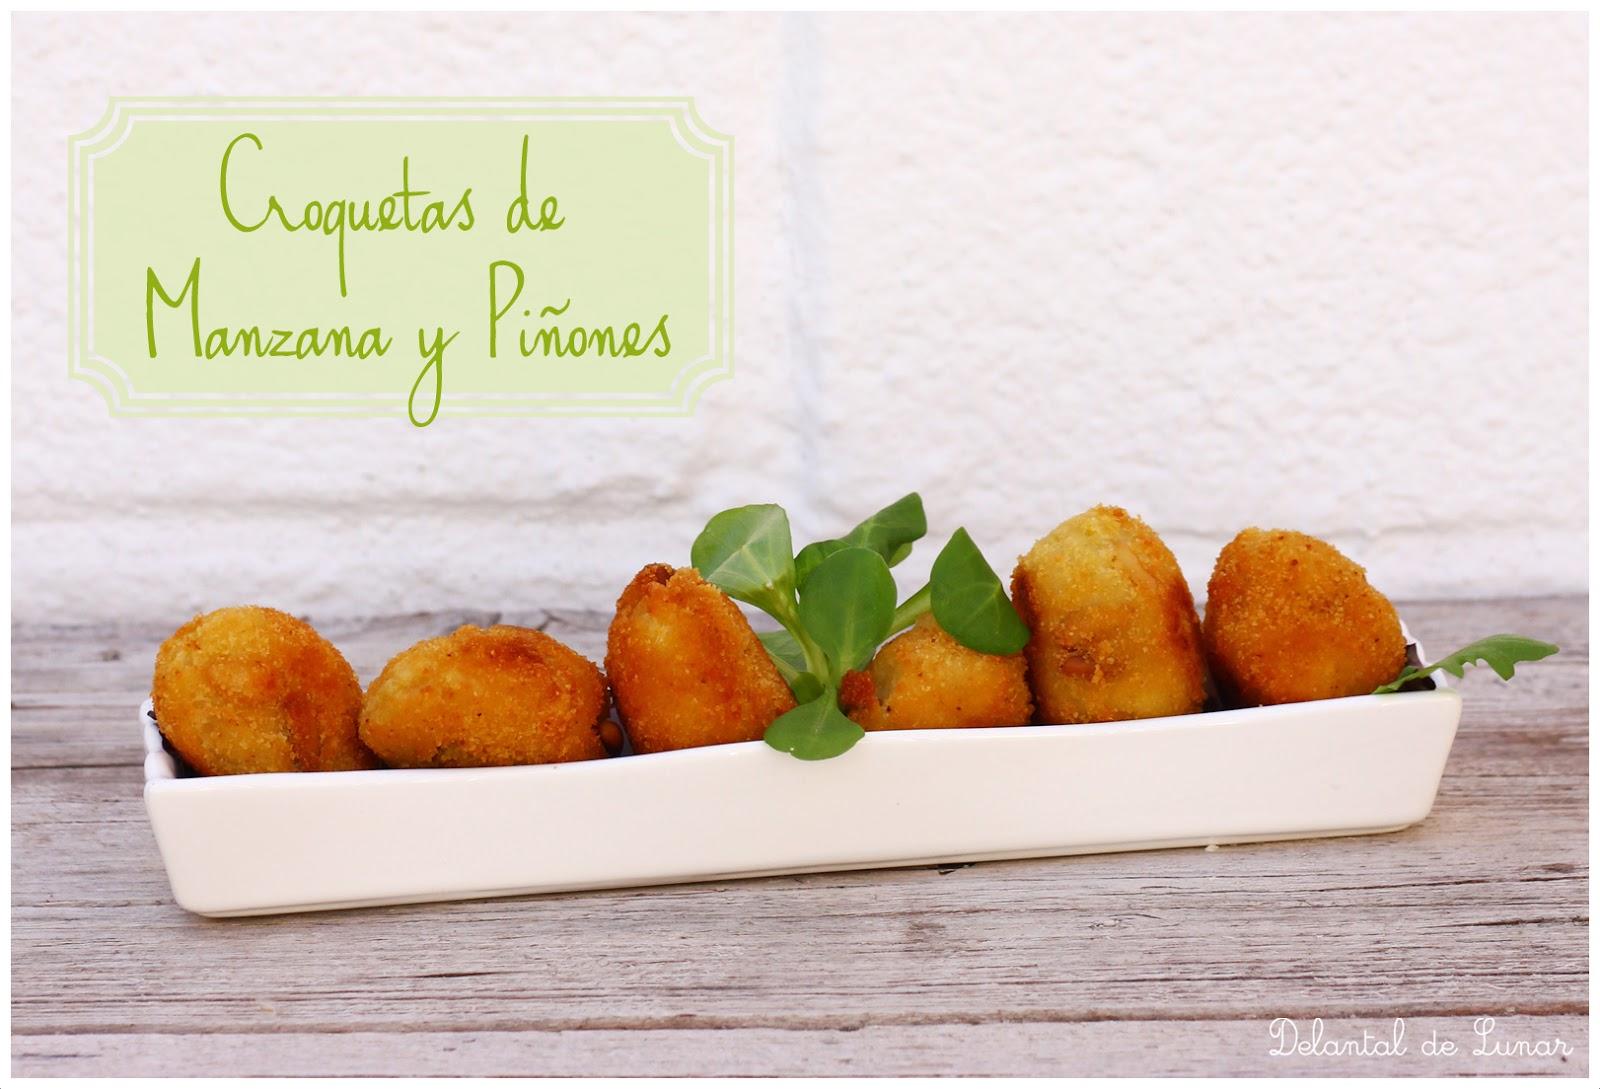 Foto: Croquetas de manzana y piñones